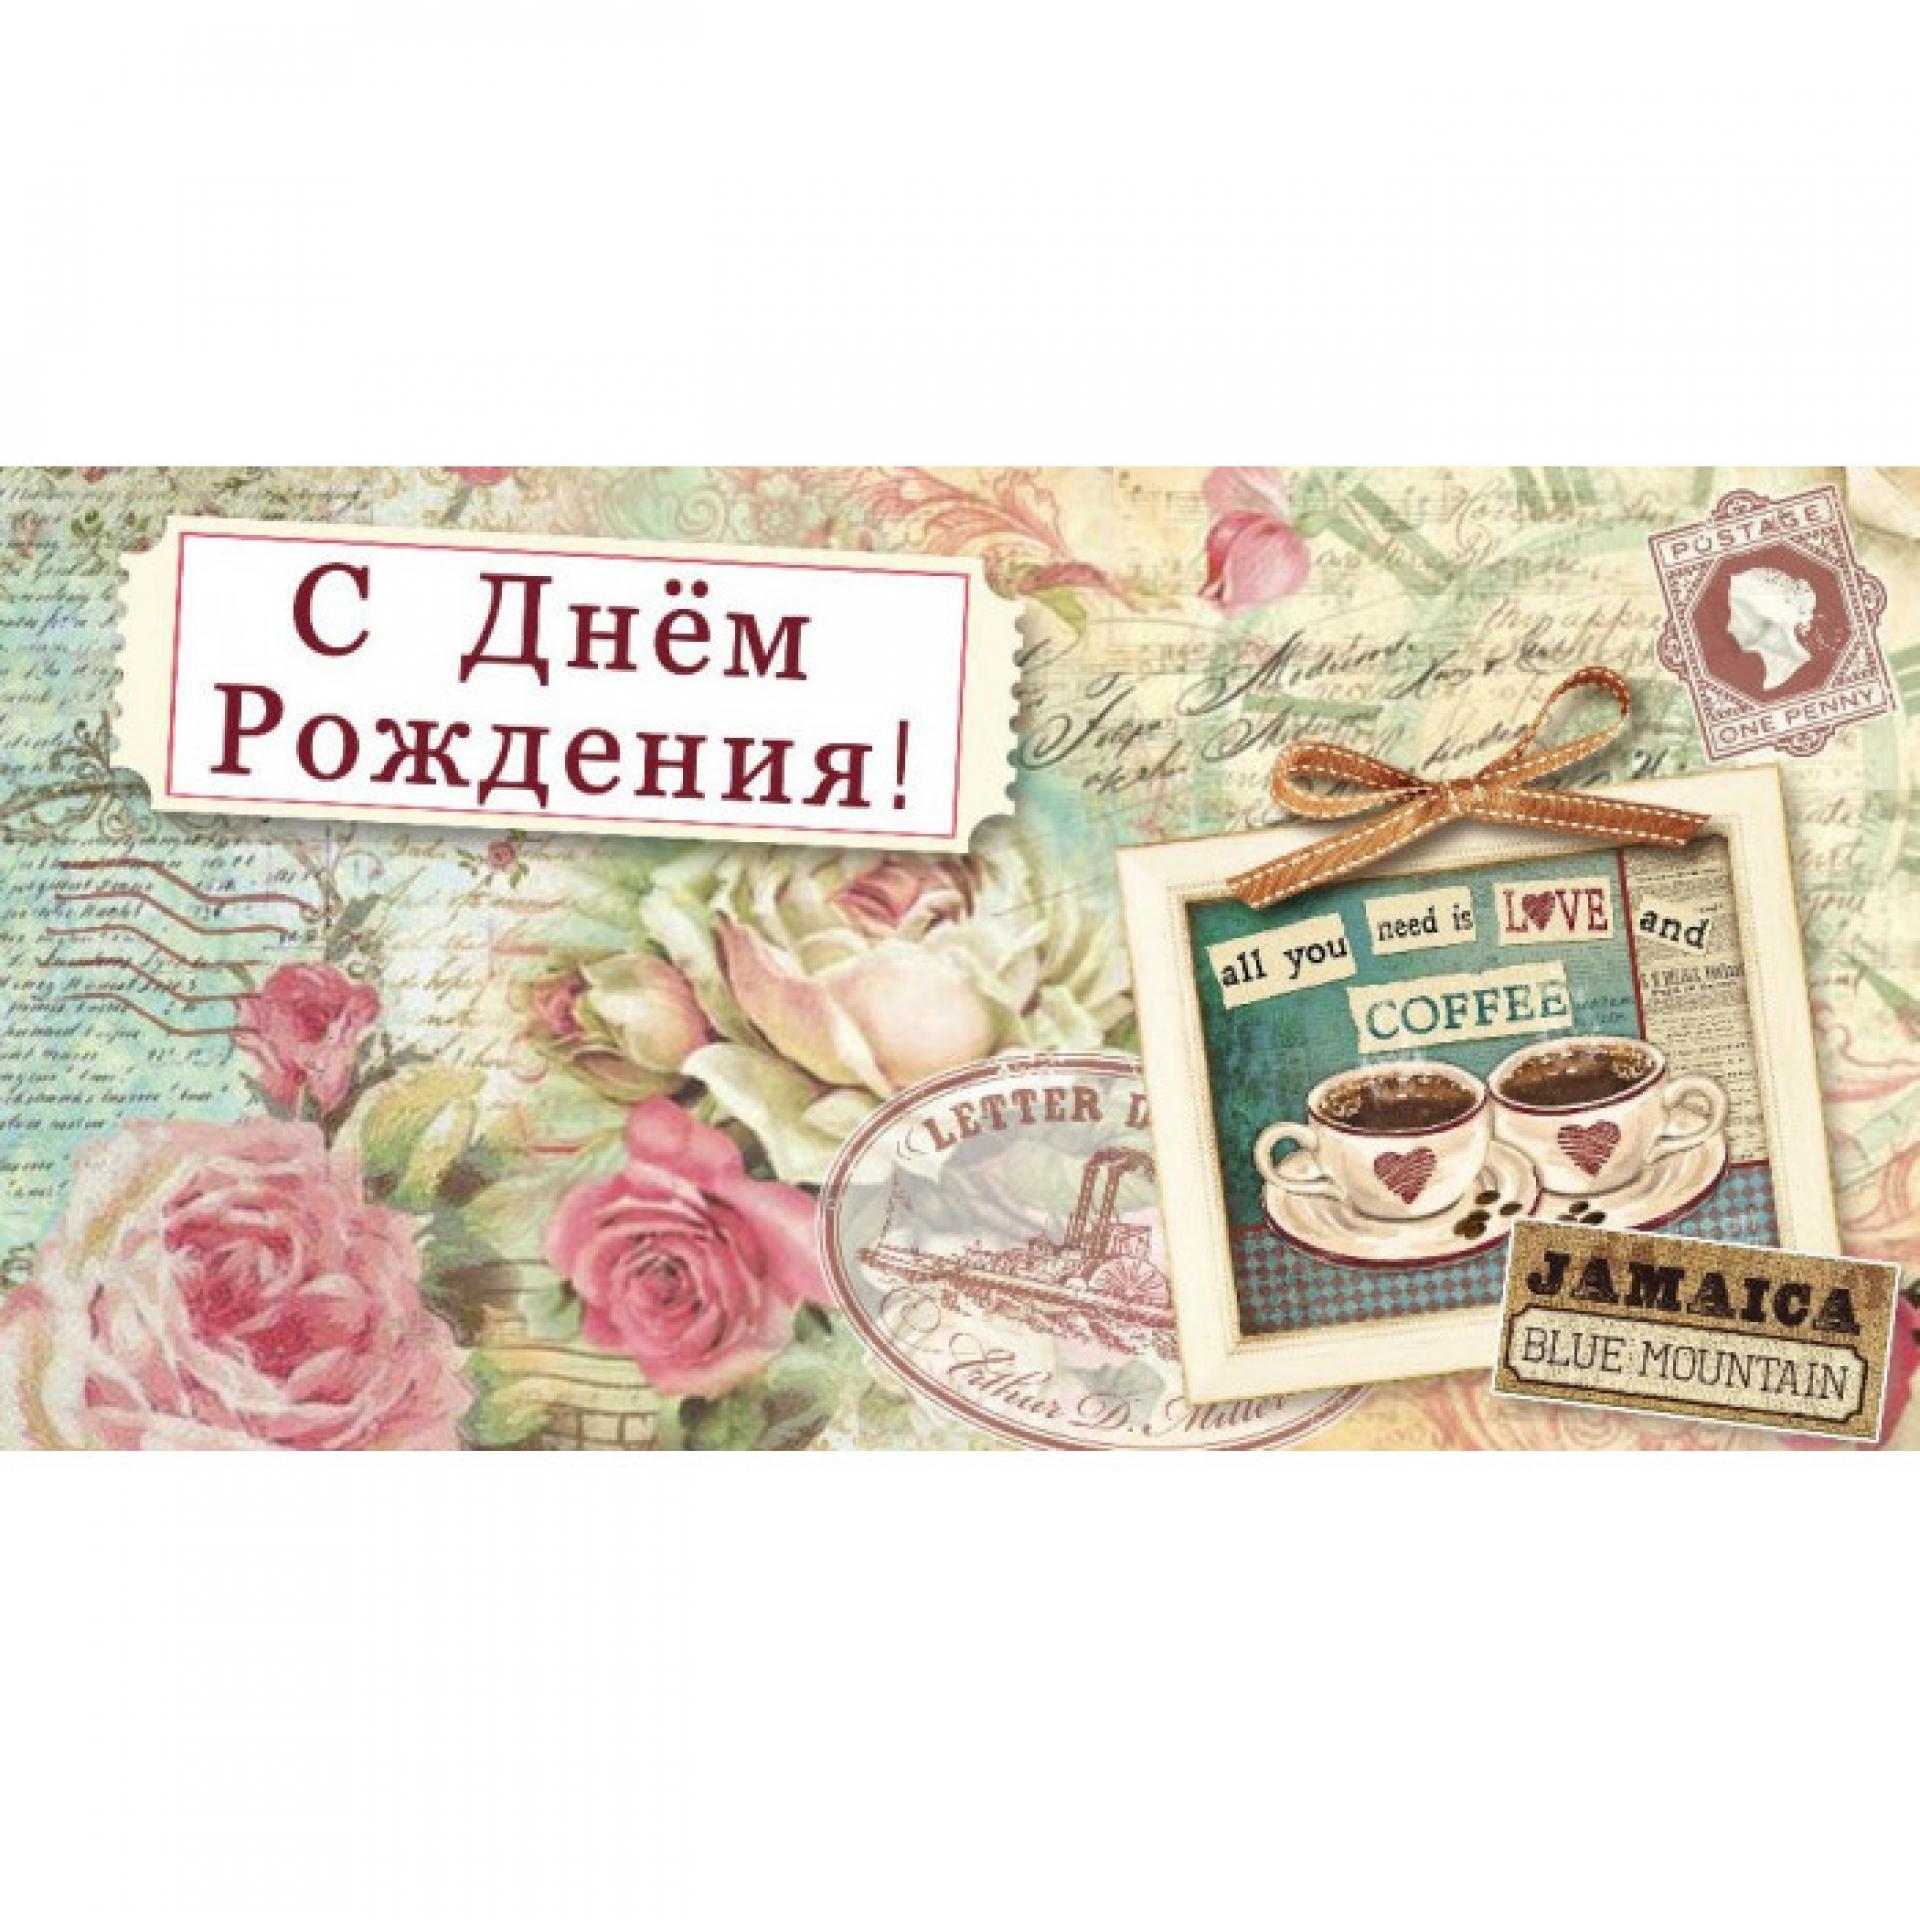 Поздравление с днем рождения в конверт с деньгами